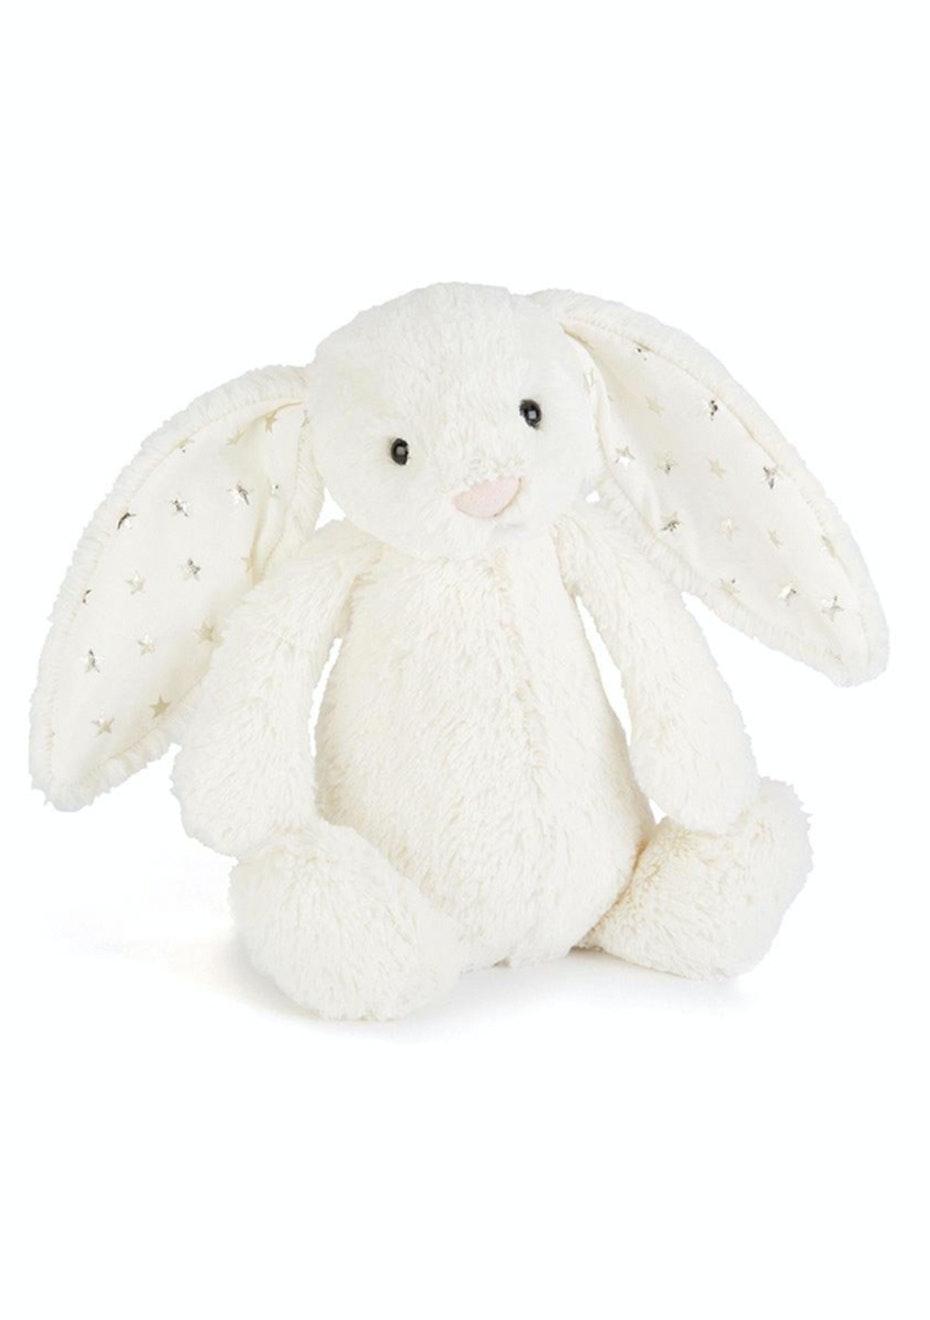 Jellycat - Bashful Twinkle Bunny Small